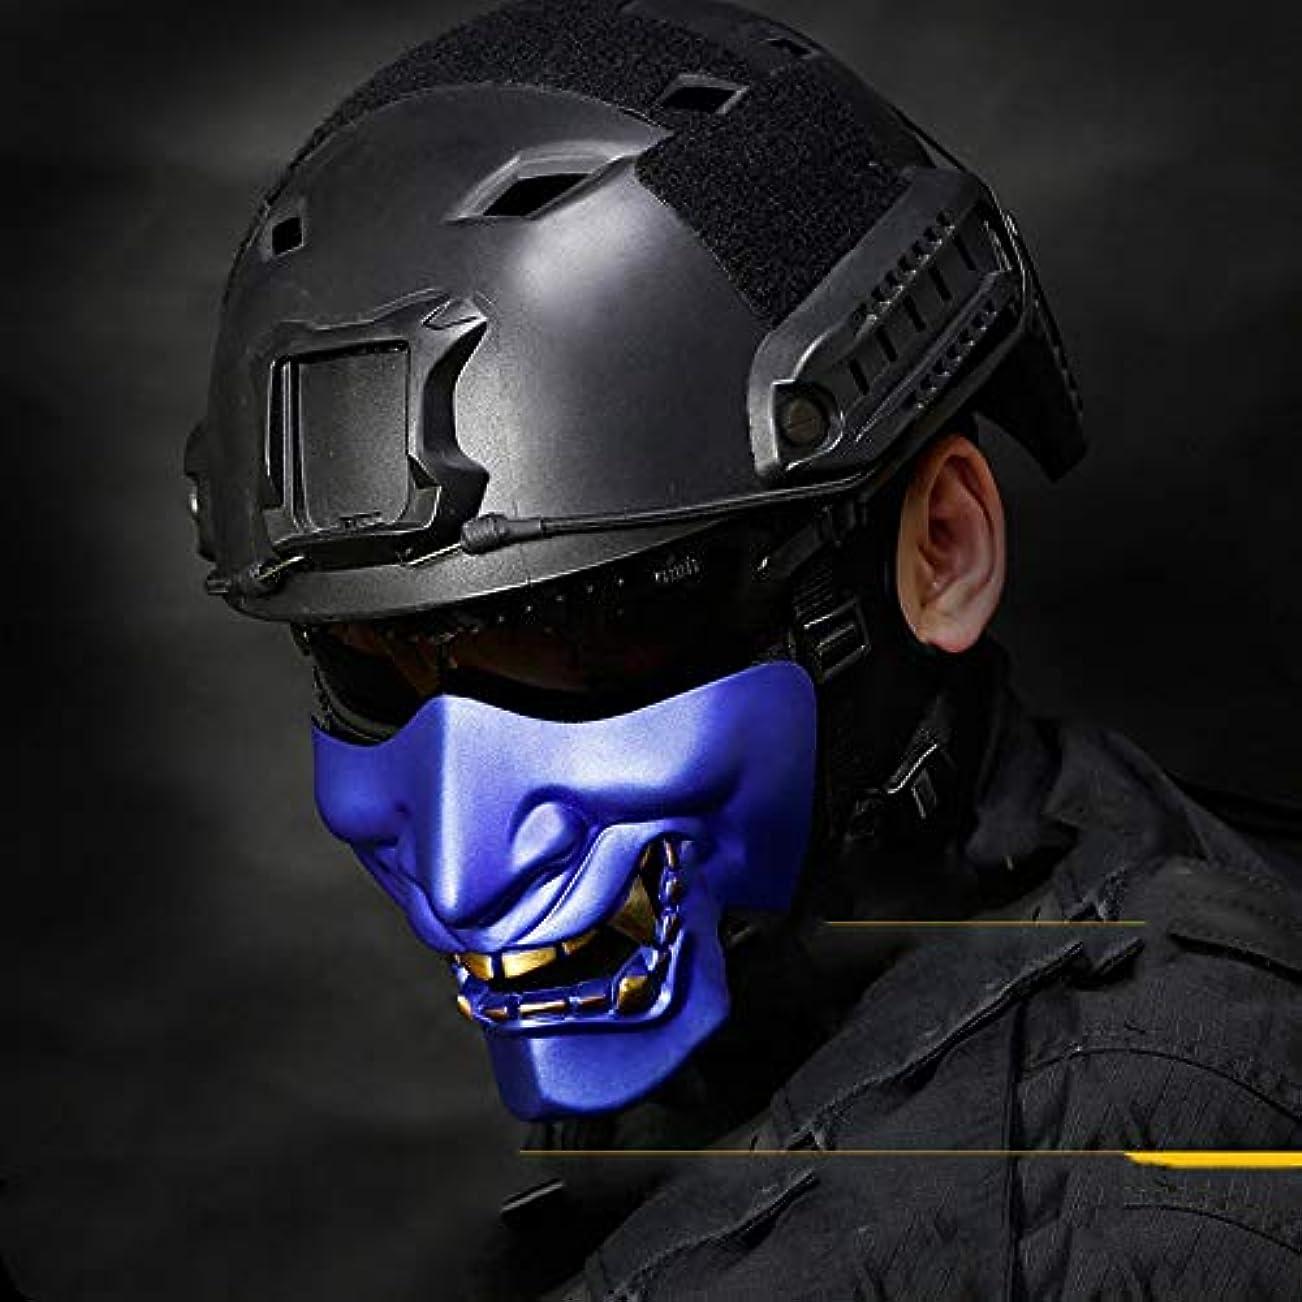 昇進死の顎統合ETH ハロウィンパーティーコス悪魔ホラーマン/ウーマンしかめっ面/タクティカルハーフフェイスマスク 適用されます (色 : Blue)